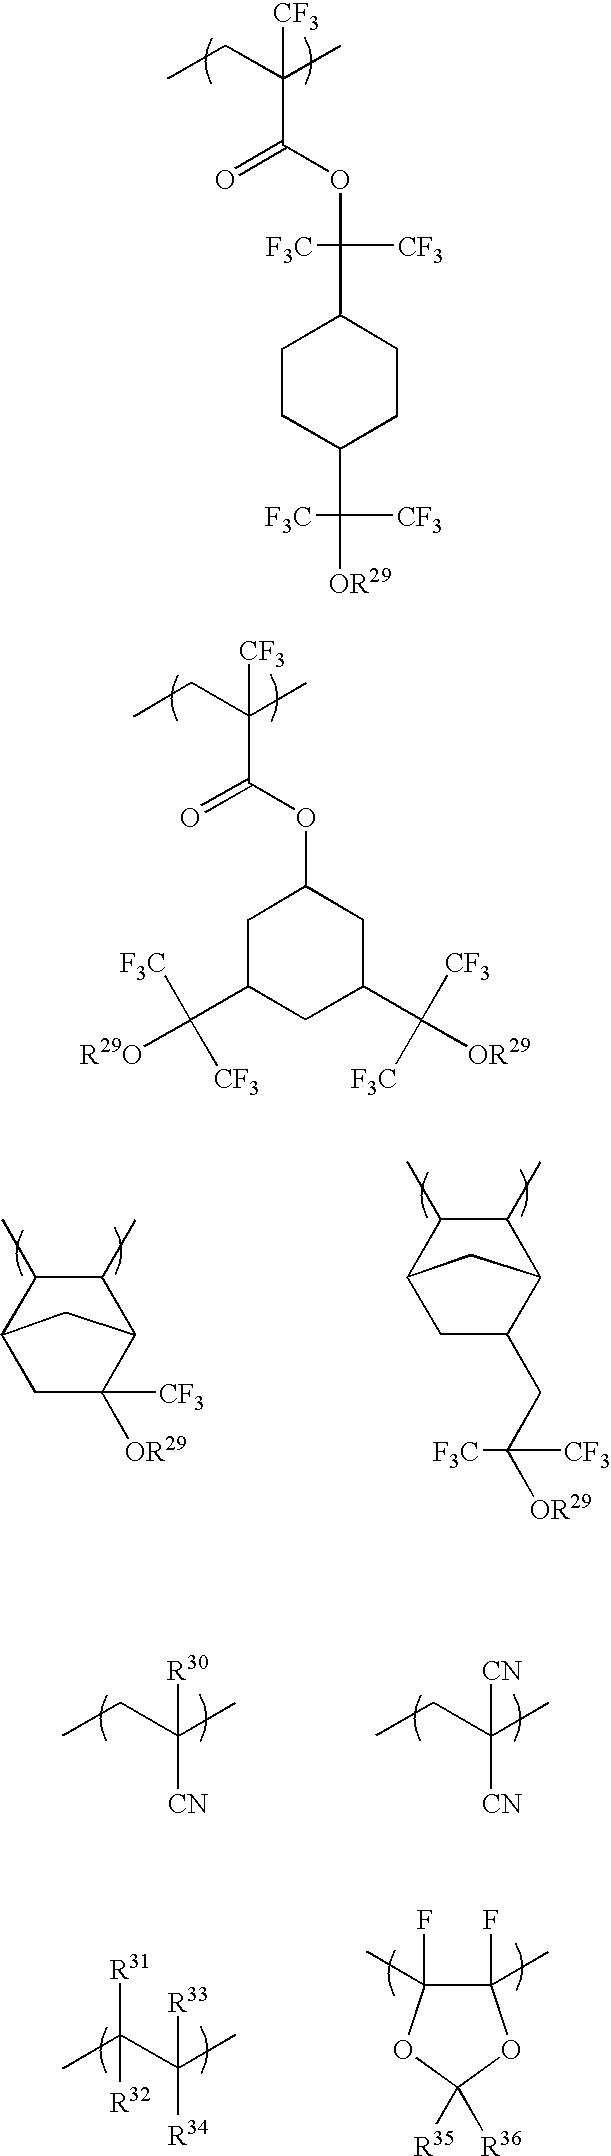 Figure US20050106499A1-20050519-C00036